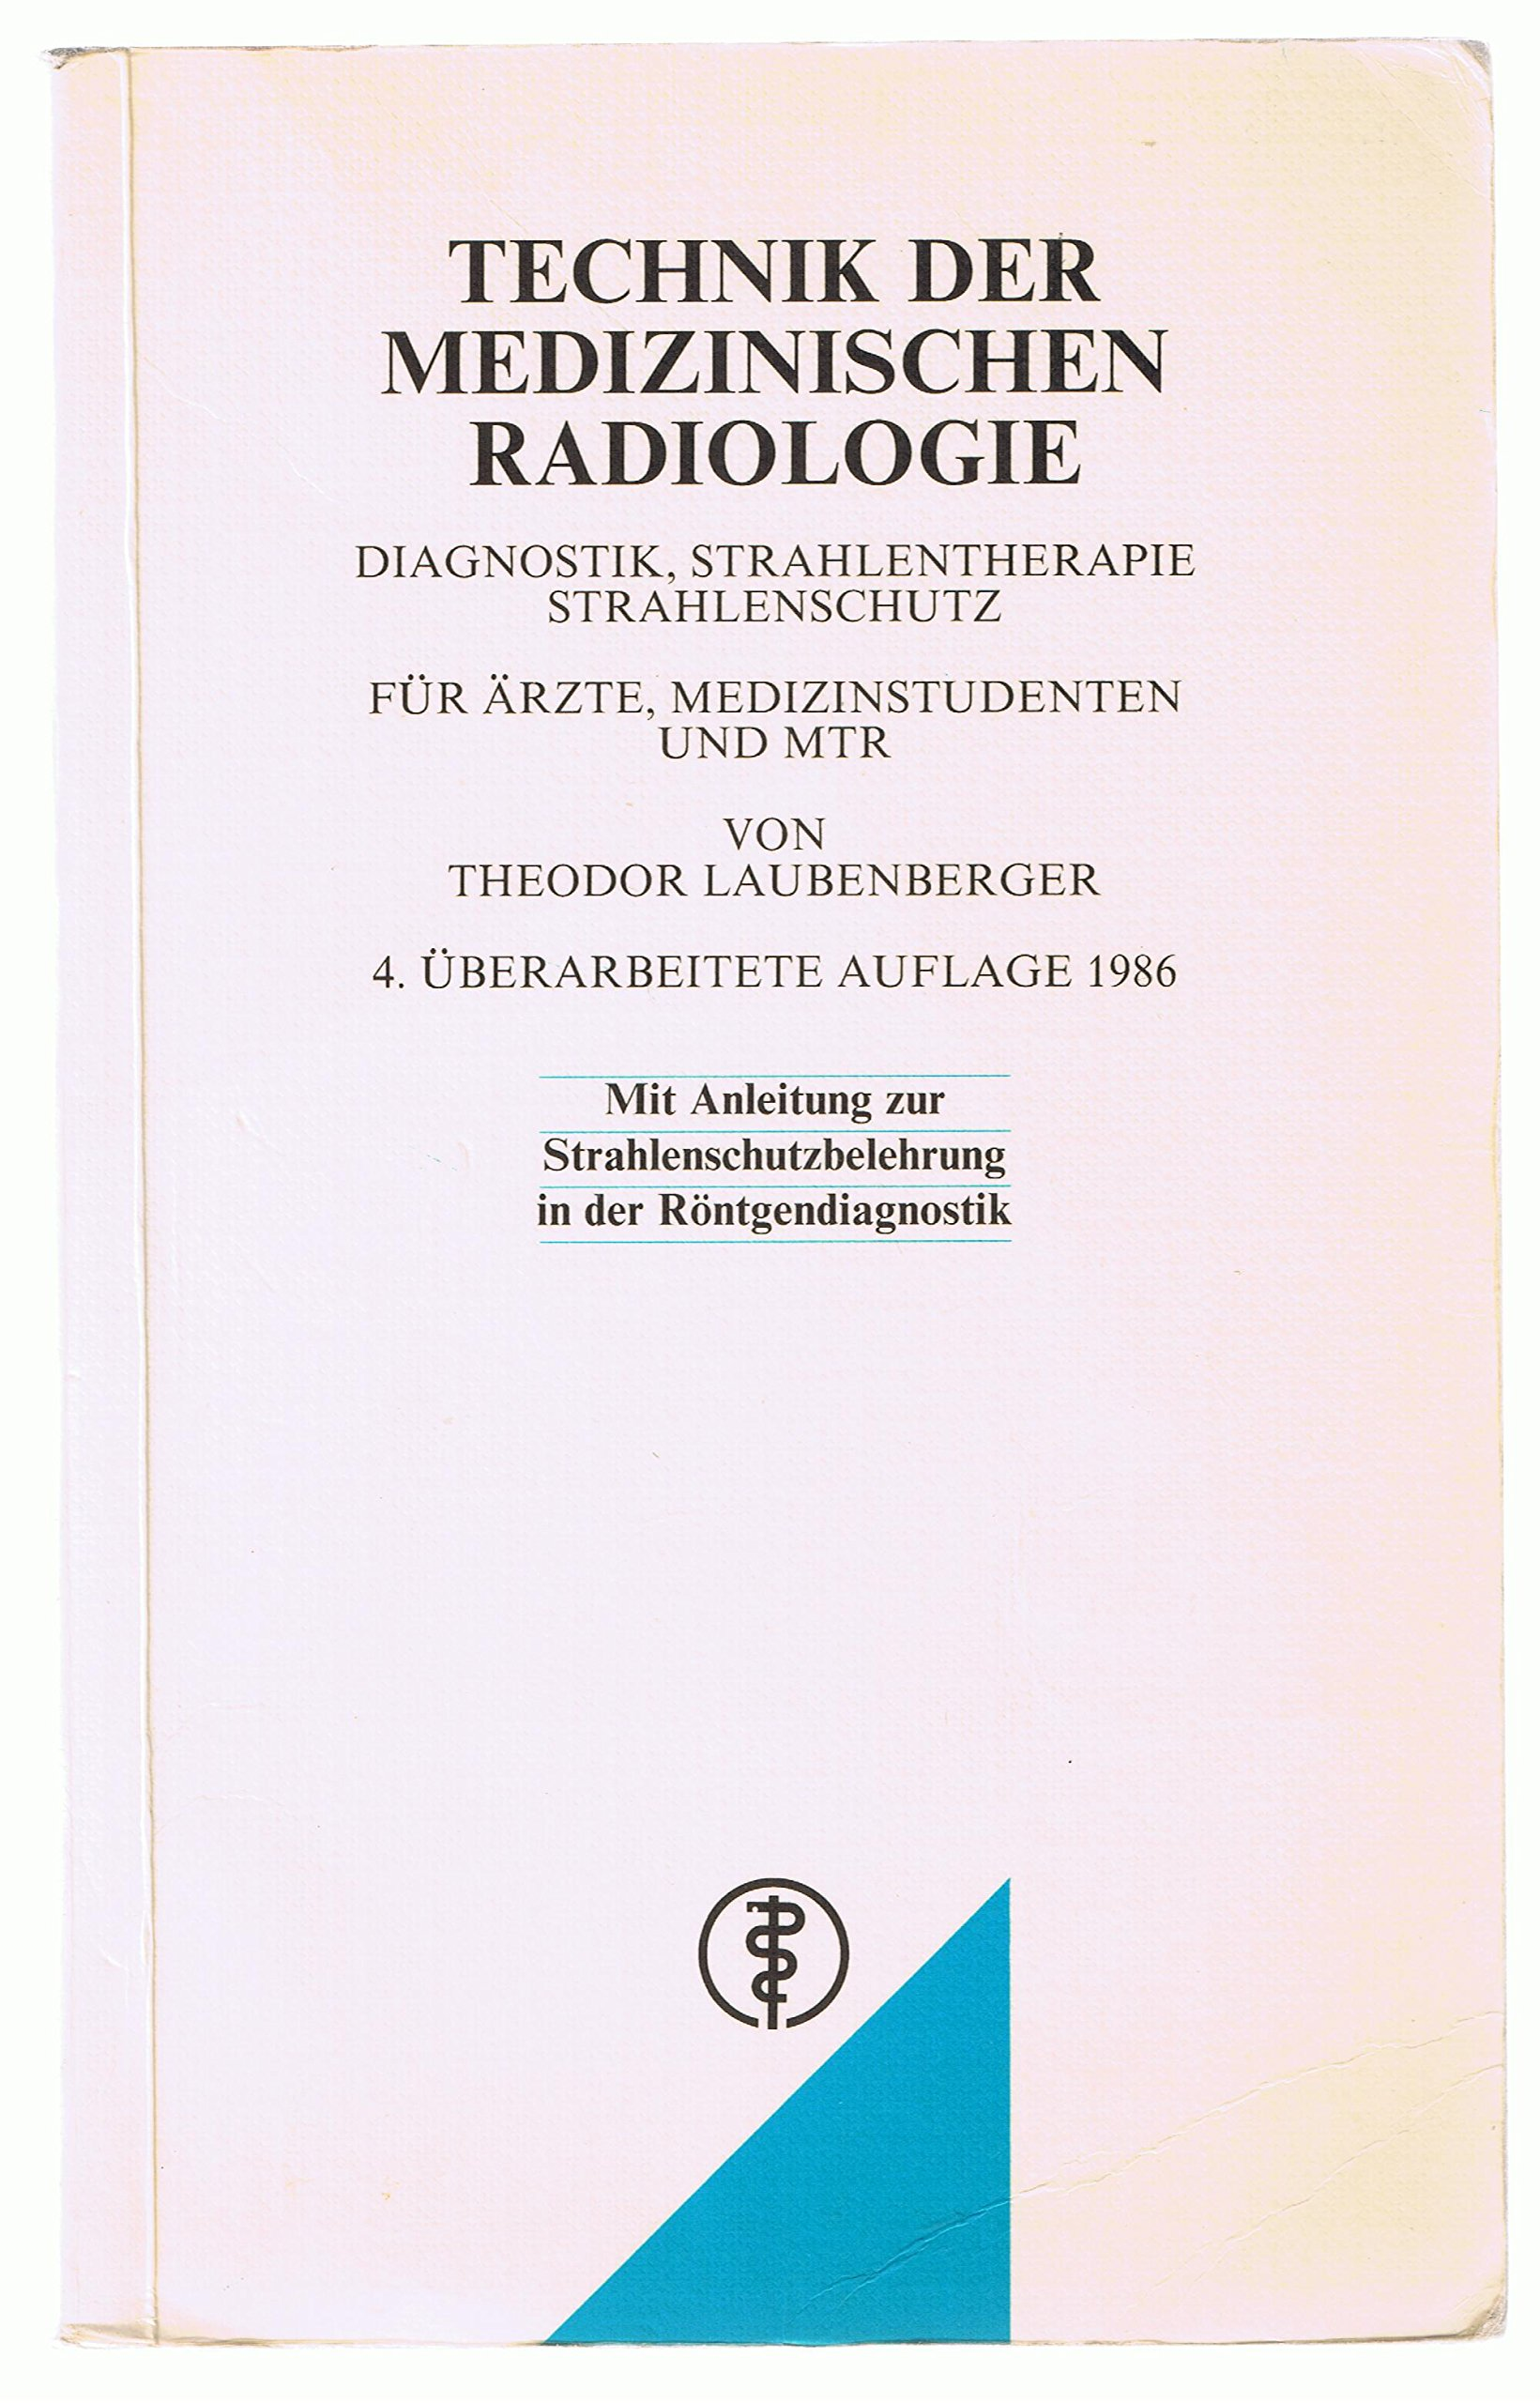 Technik der medizinischen Radiologie. Diagnostik - Strahlentherapie ...